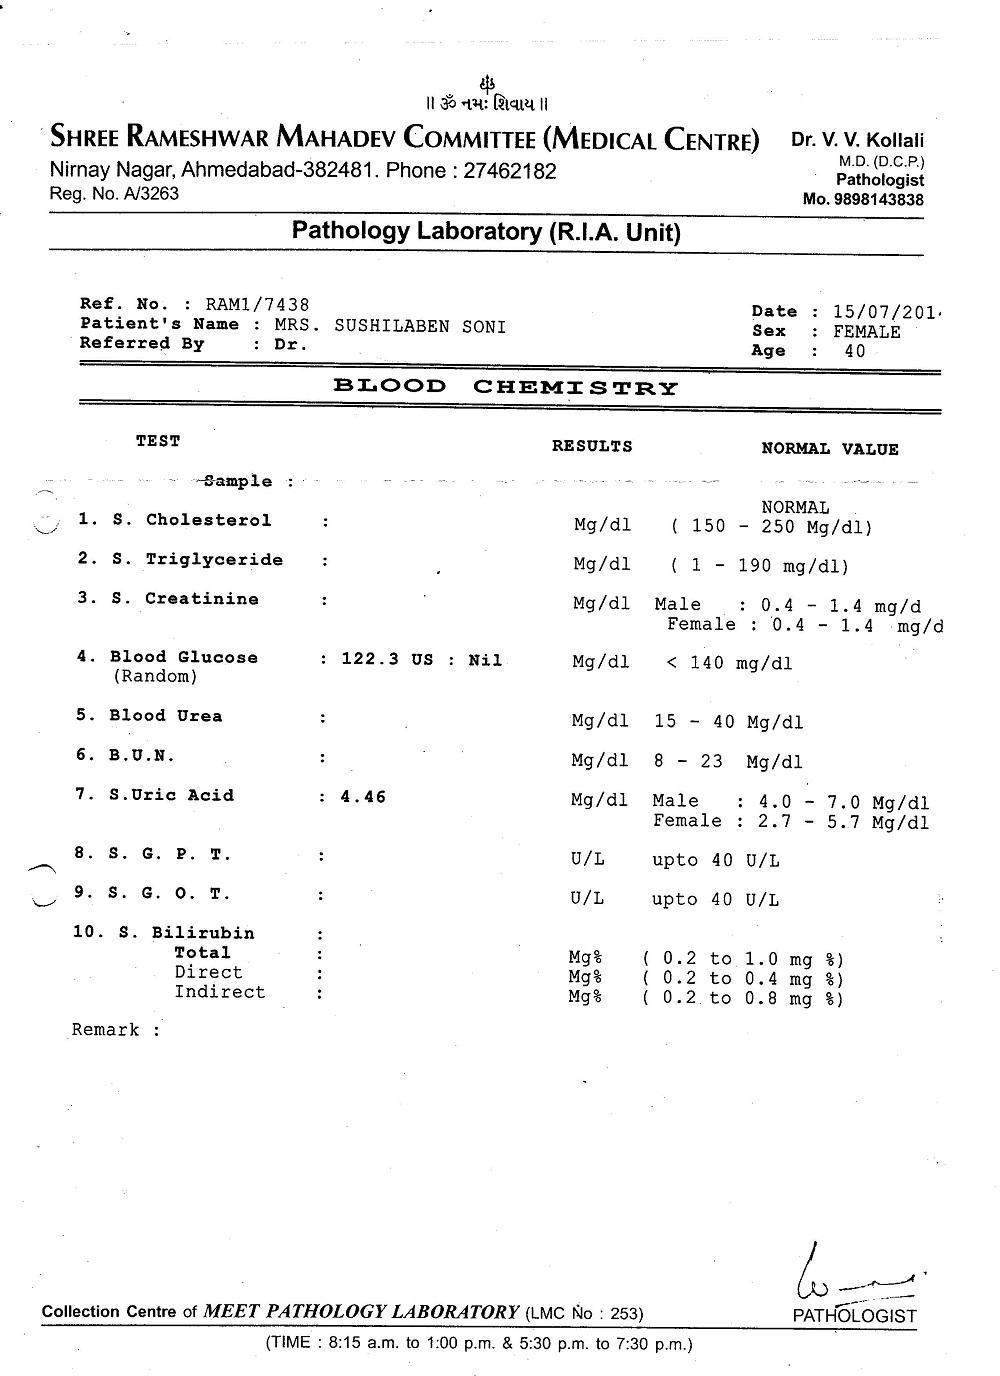 sushila-devi-soni-daibetic-patient-4